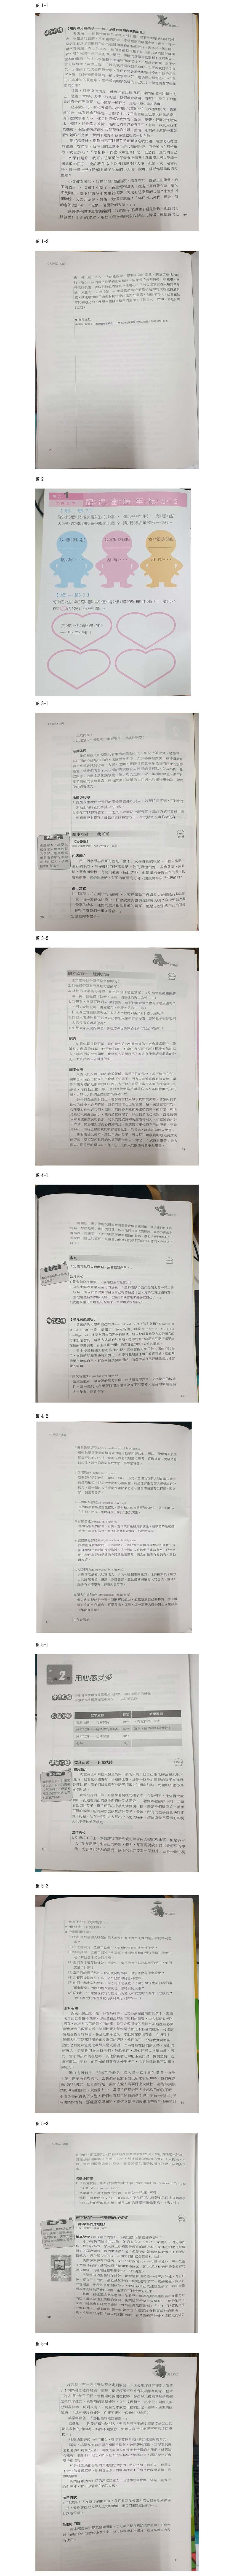 彩虹愛家聲明稿4-2